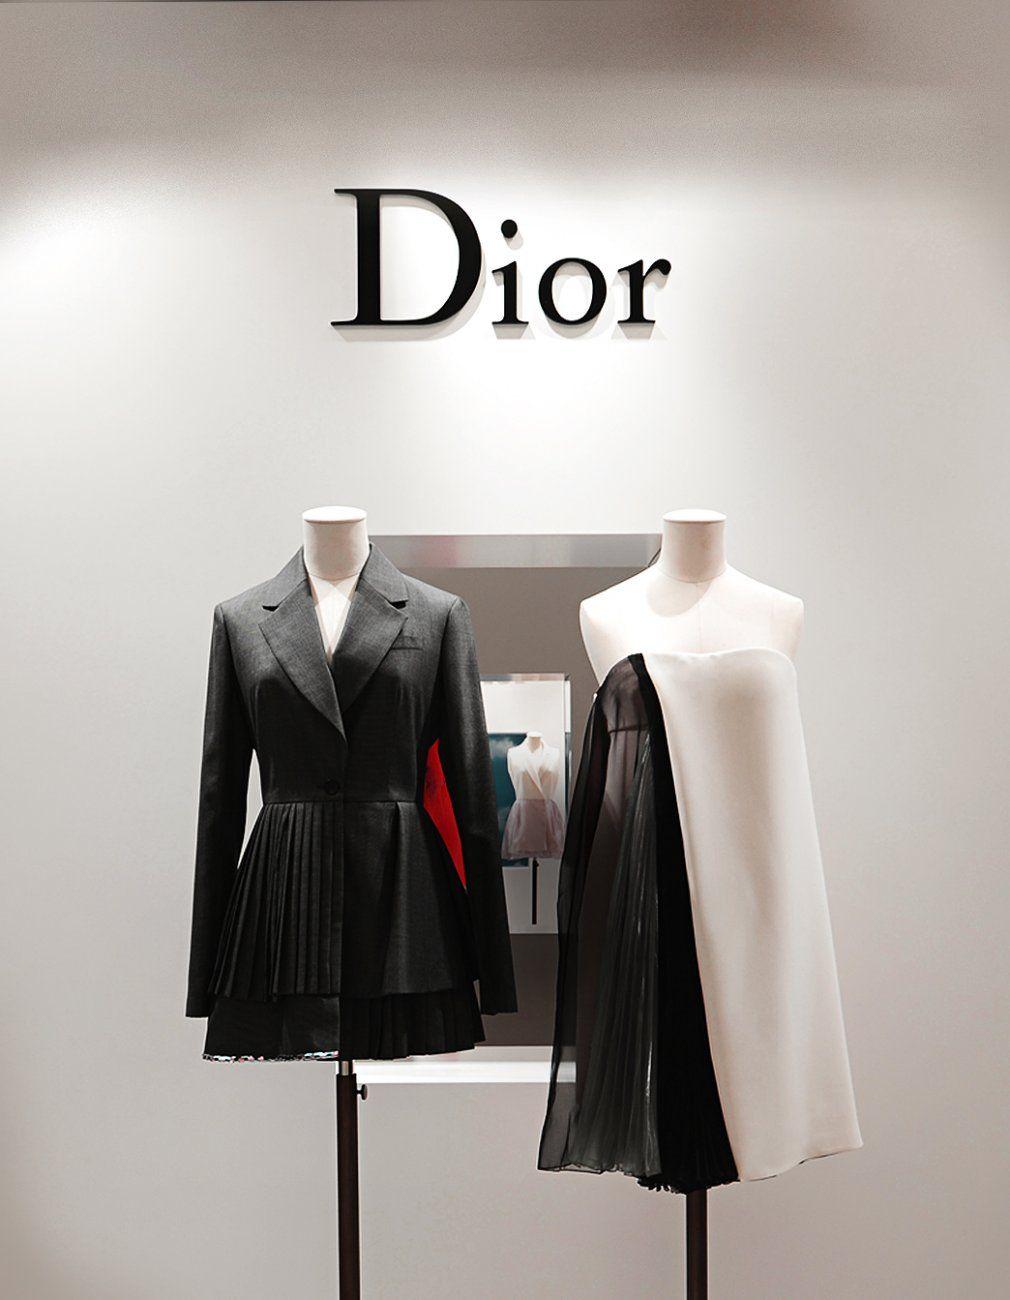 Dior Pop-up Project at Joyce Hong Kong